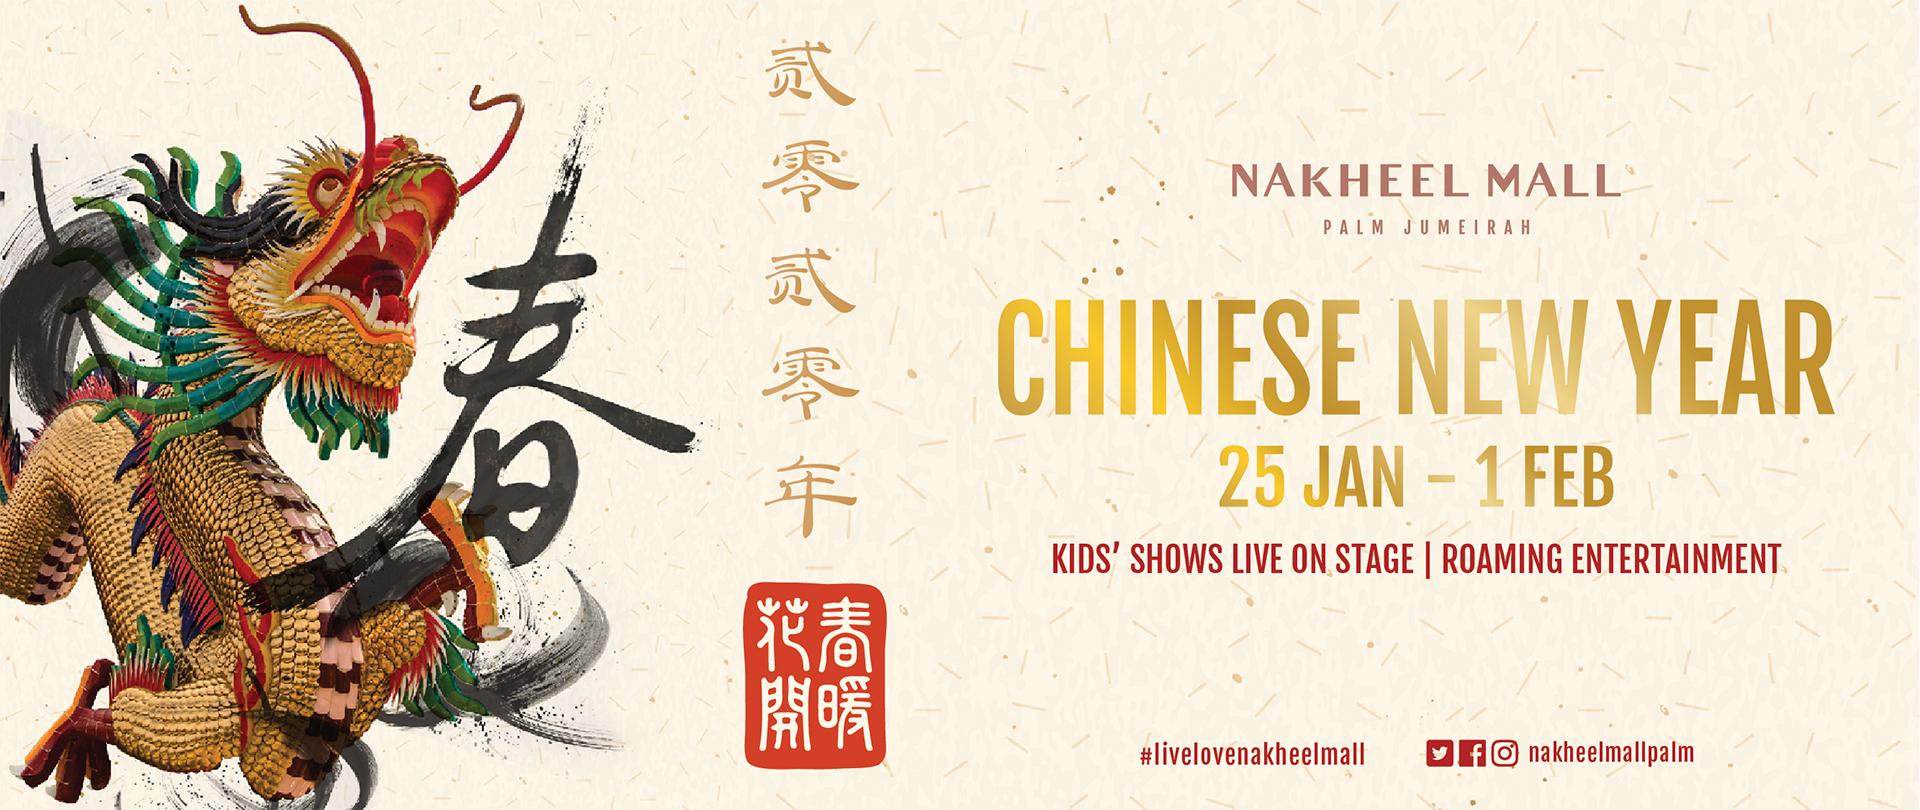 Chinese-New-Year-at-Nakheel-Mall